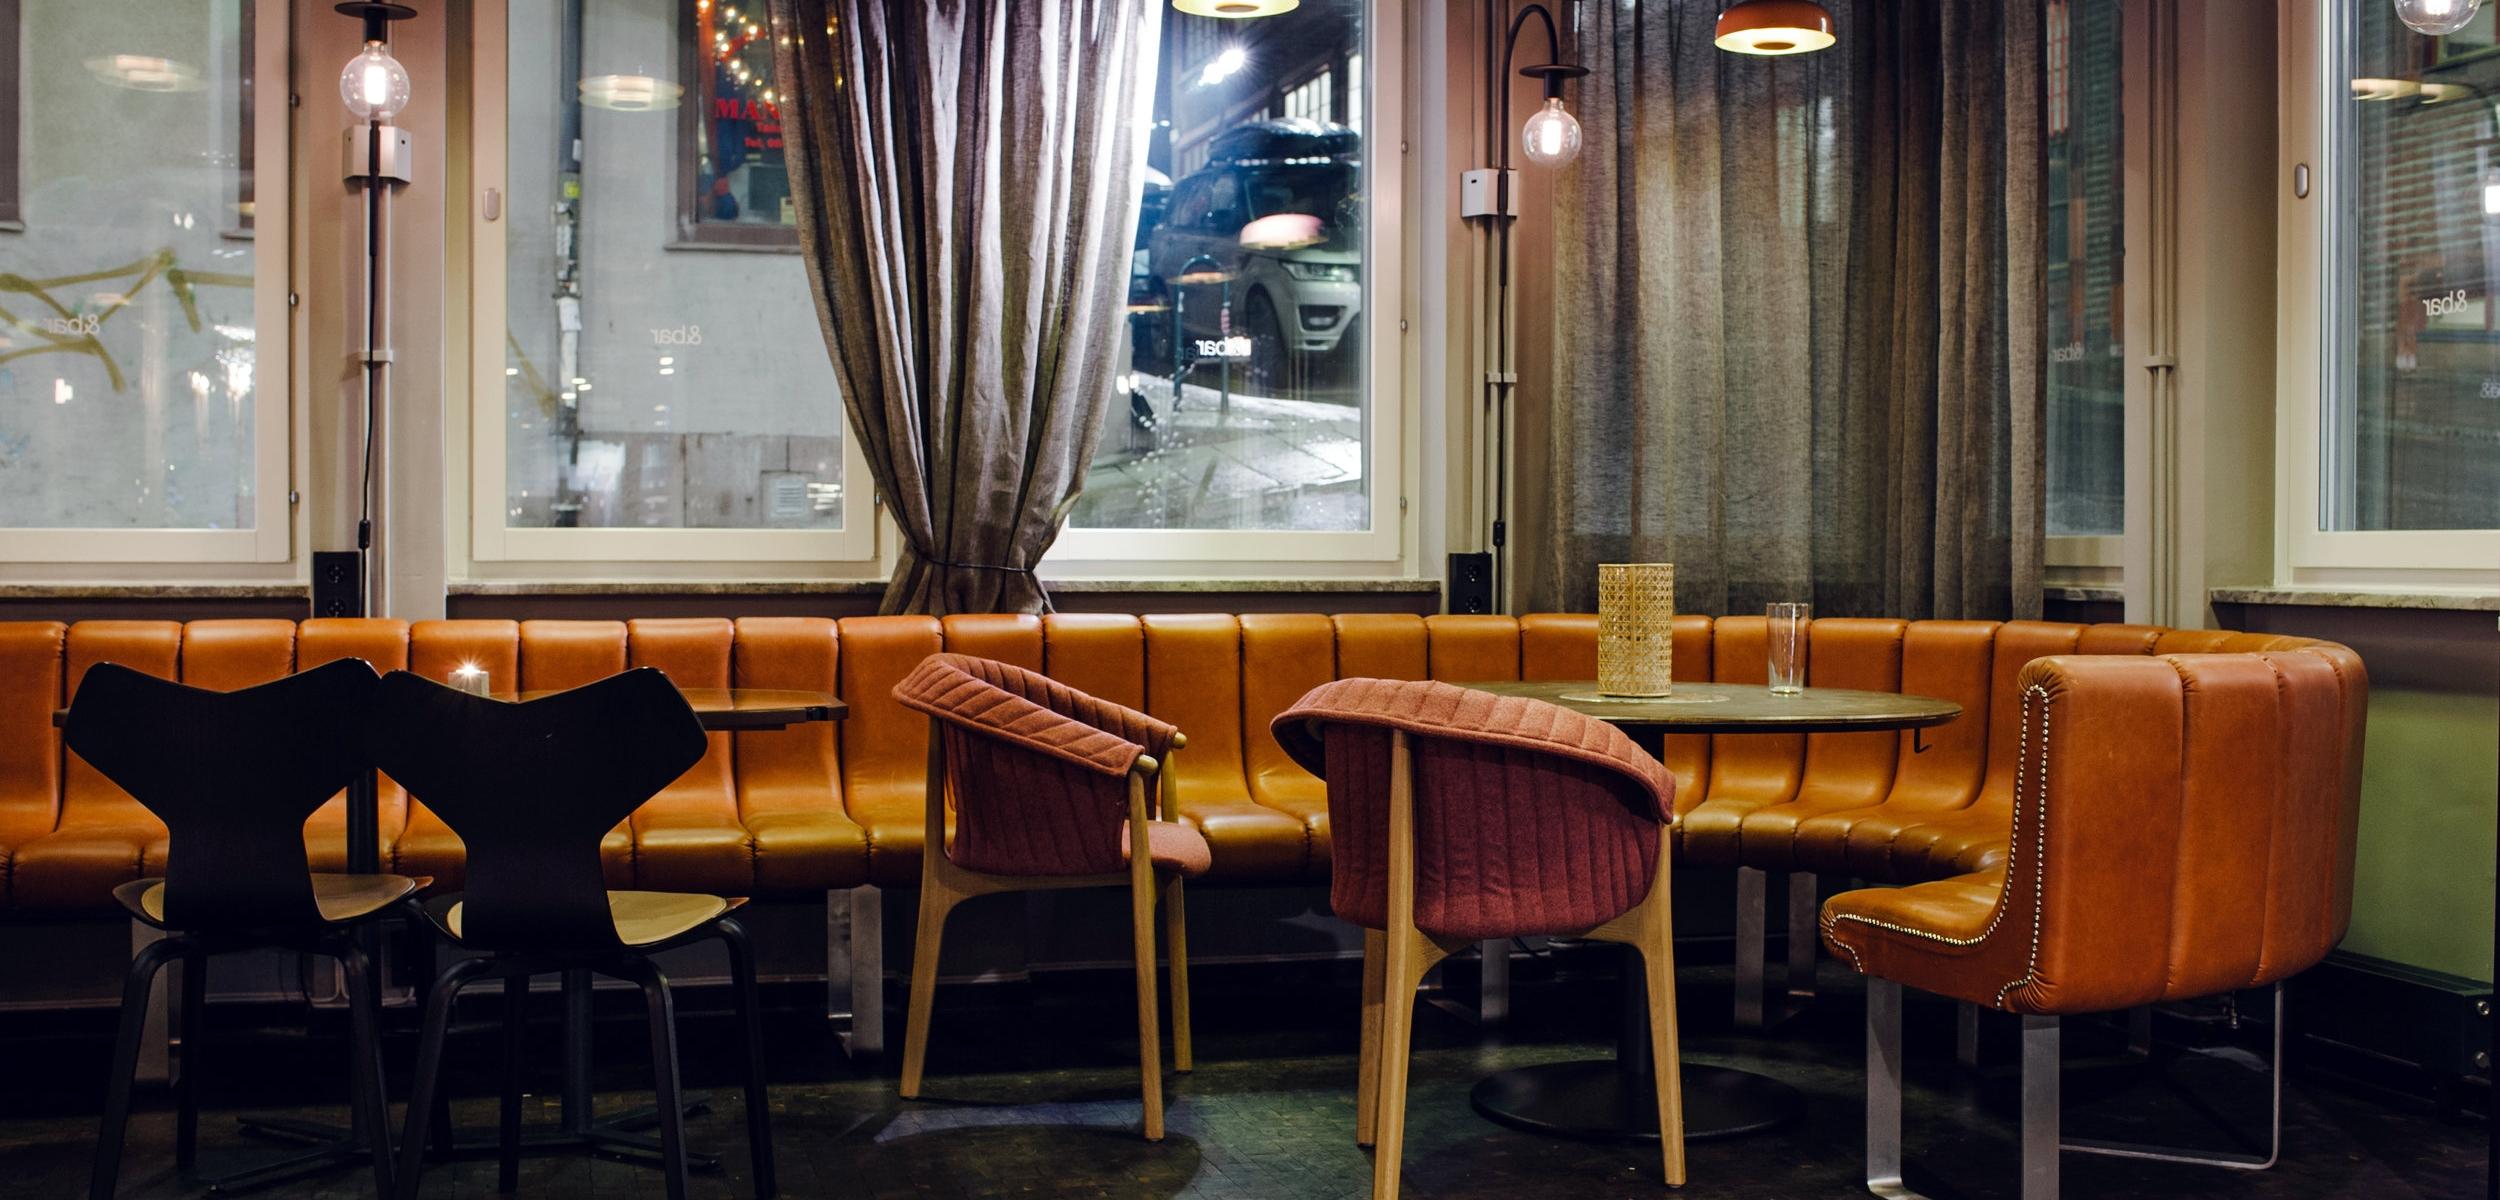 Bar_tables3.jpg